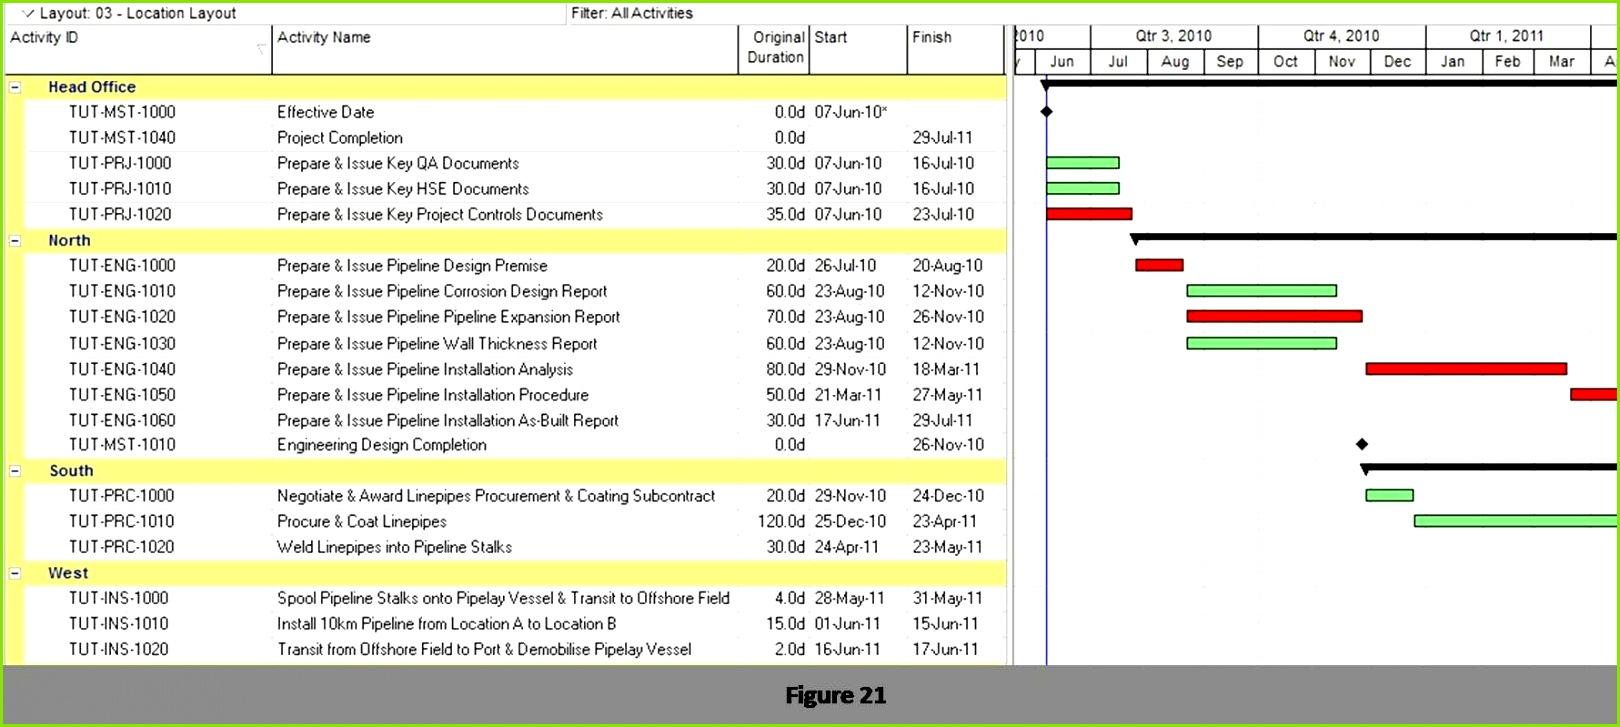 Excel Arbeitszeitnachweis Vorlagen 2017 Neu Urlaubsplaner 2017 Excel Arbeitszeit Excel Vorlage Luxus Excel Editierbar Excel